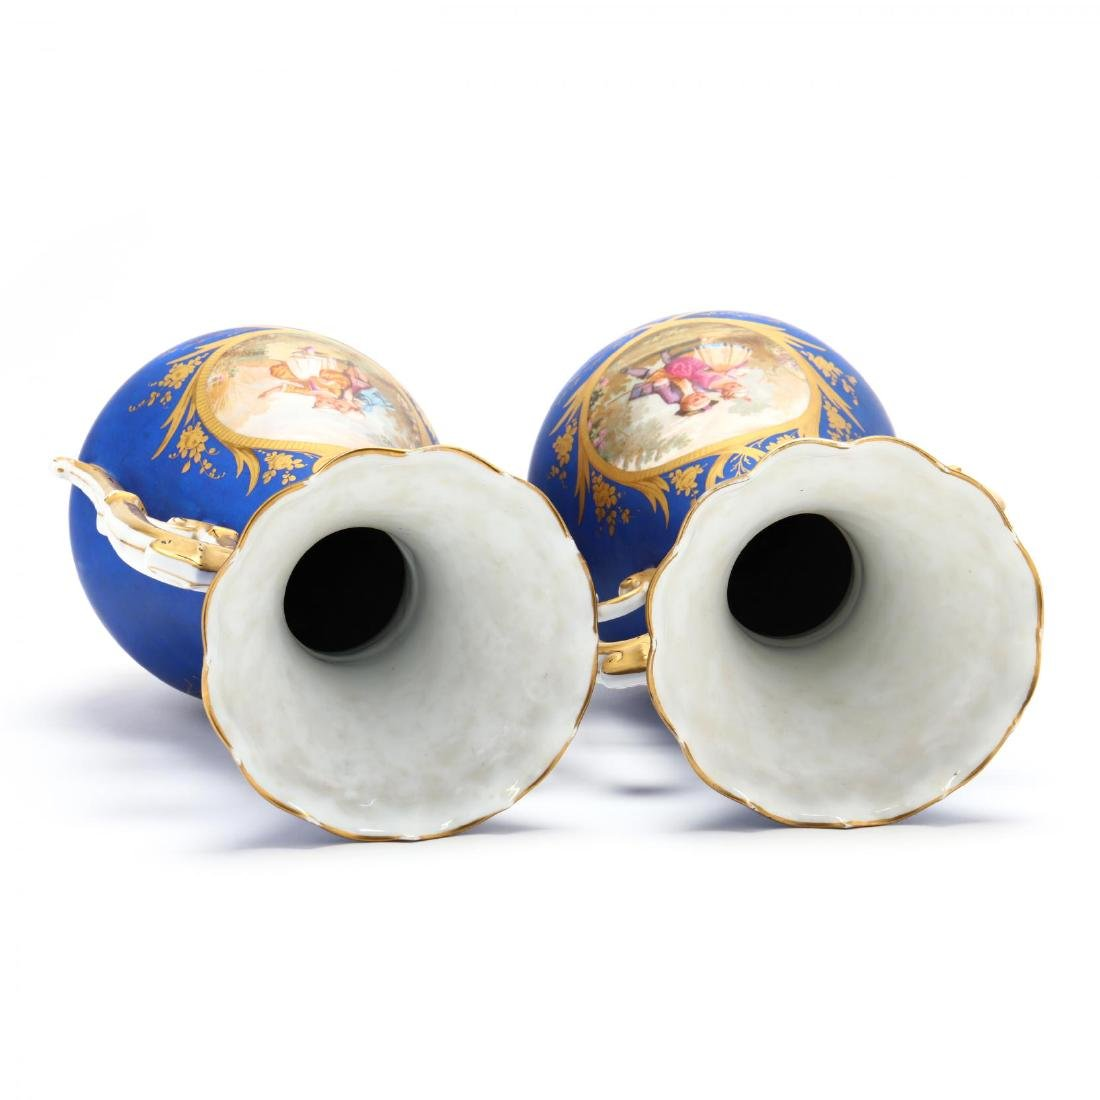 Pair of Paris Porcelain Matte Blue Mantel Urns - 6